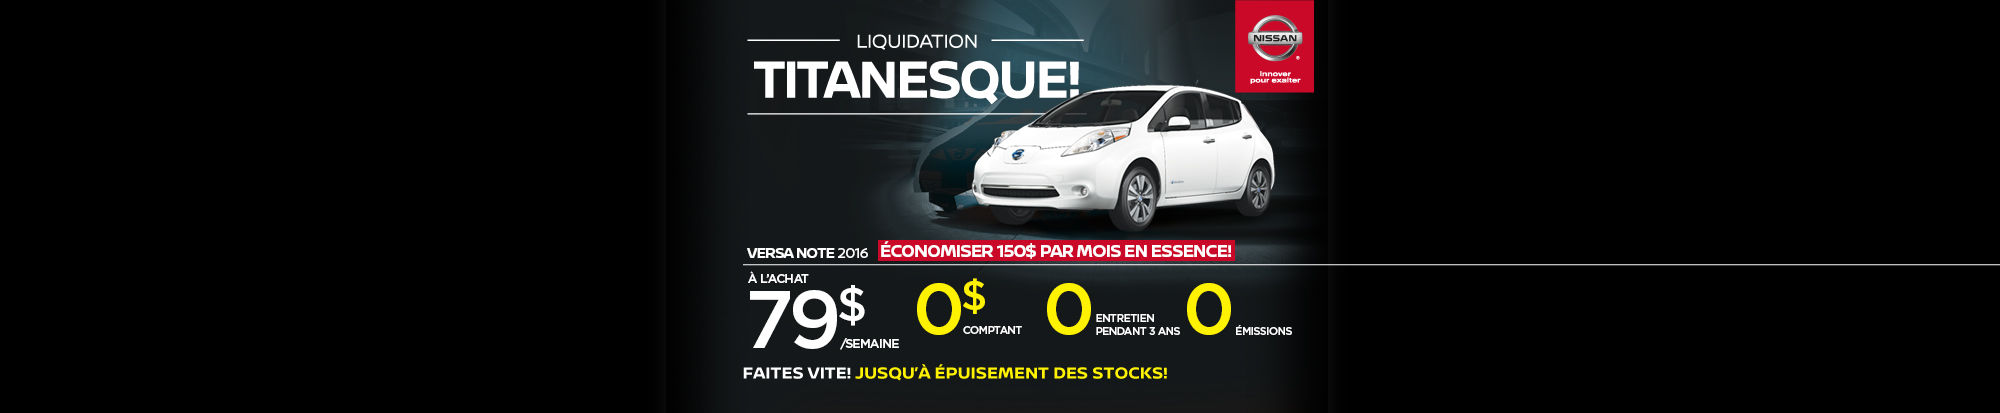 Liquidation titanesque - Leaf